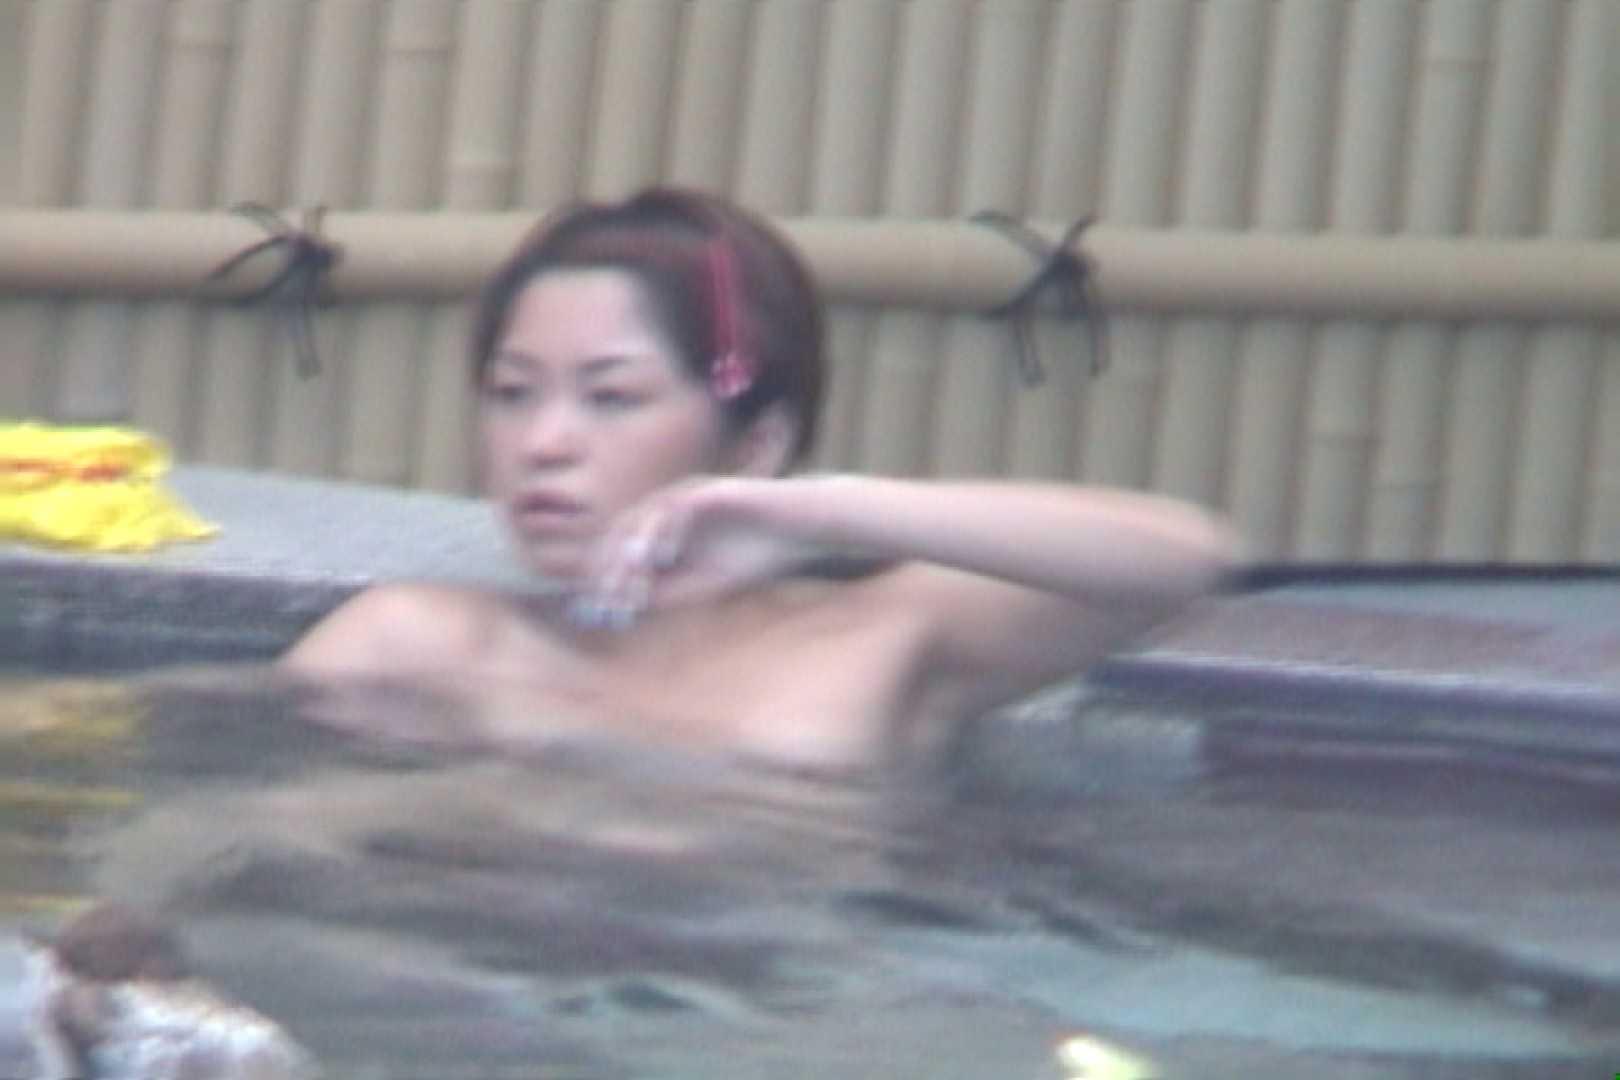 Aquaな露天風呂Vol.574 OLのエロ生活 エロ画像 95連発 44